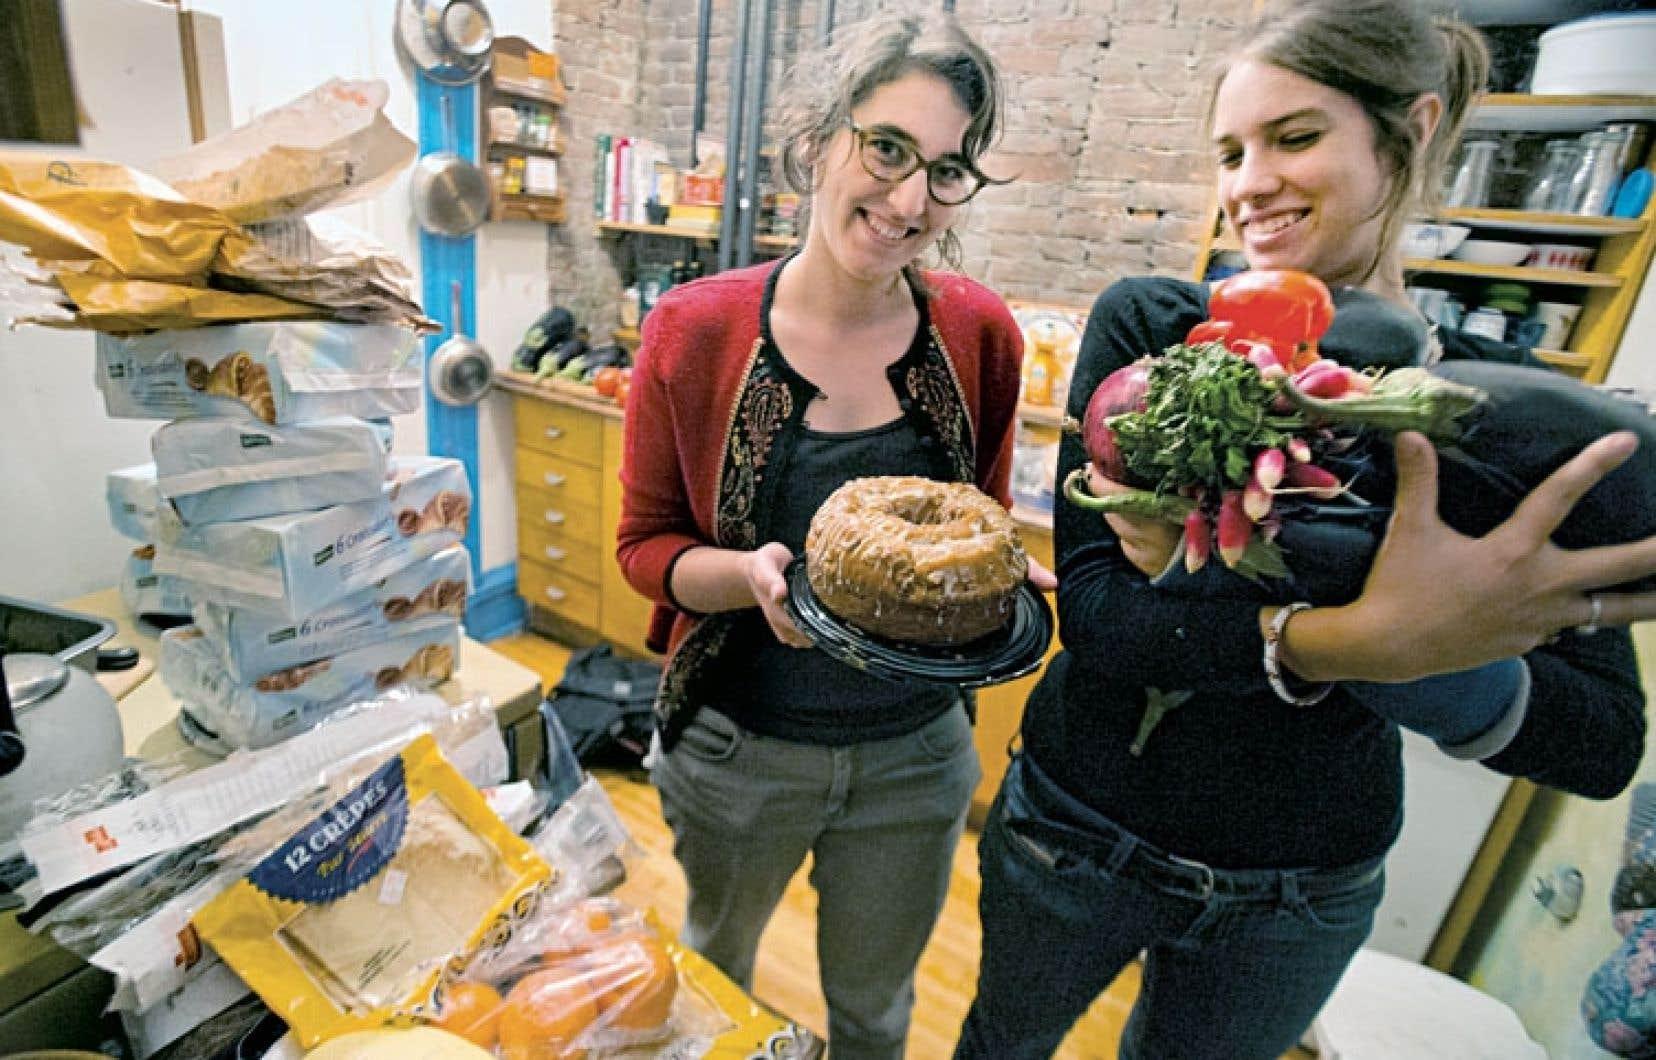 Mia et Ariane font leur épicerie à la benne du coin. Pains, croissants, gâteaux, oranges, radis, poivrons, leur récolte de produits de qualité est étonnante.